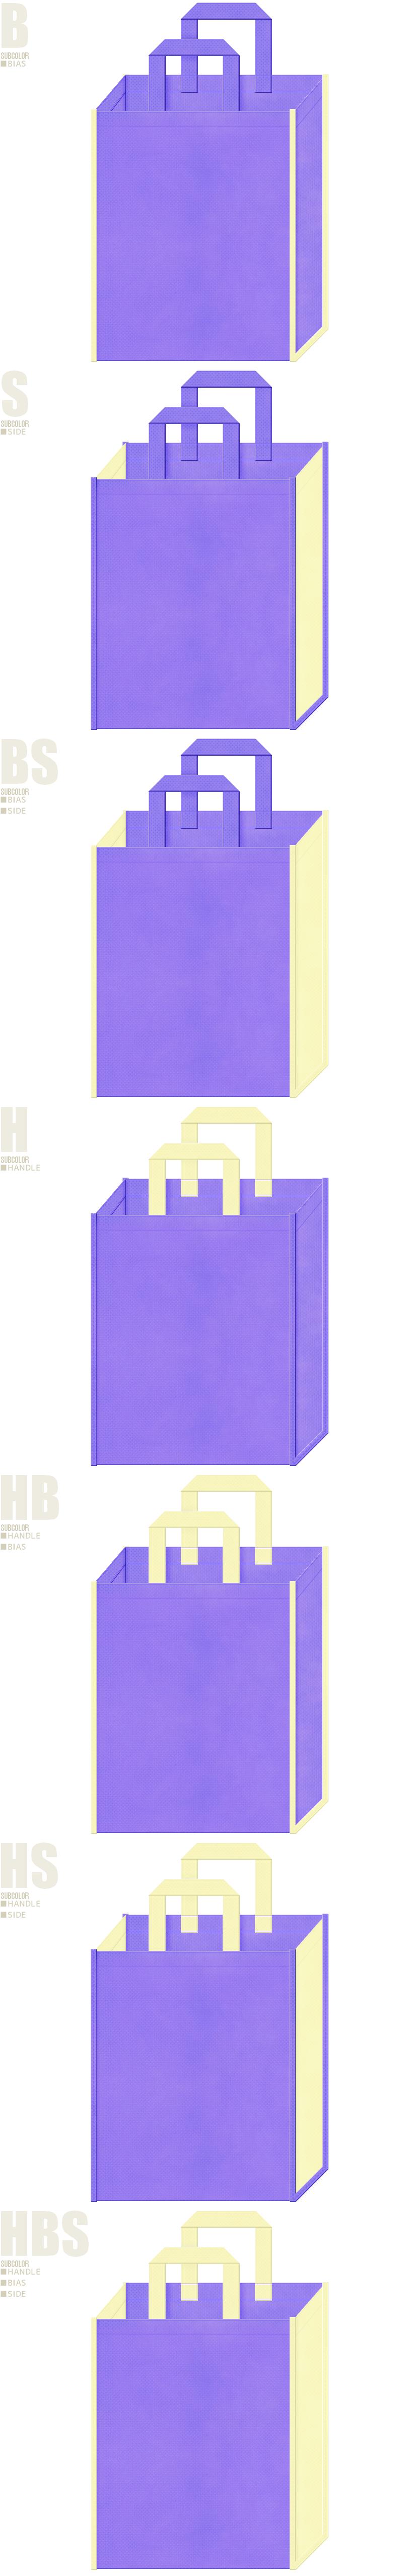 薄紫色と薄黄色の配色7パターン:不織布トートバッグのデザイン。保育・福祉・介護のイメージにお奨めの配色です。